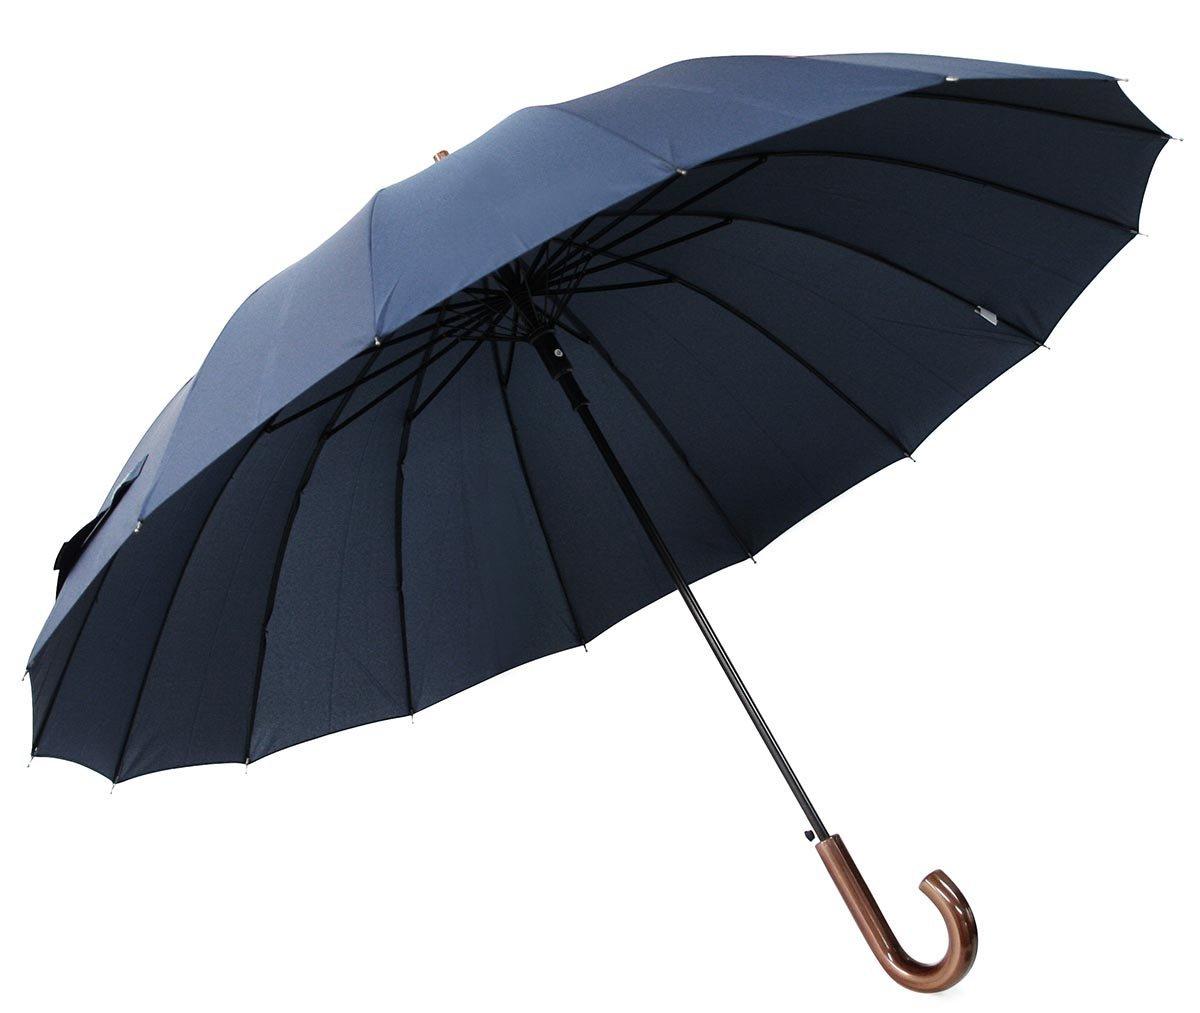 ジャンプ長傘